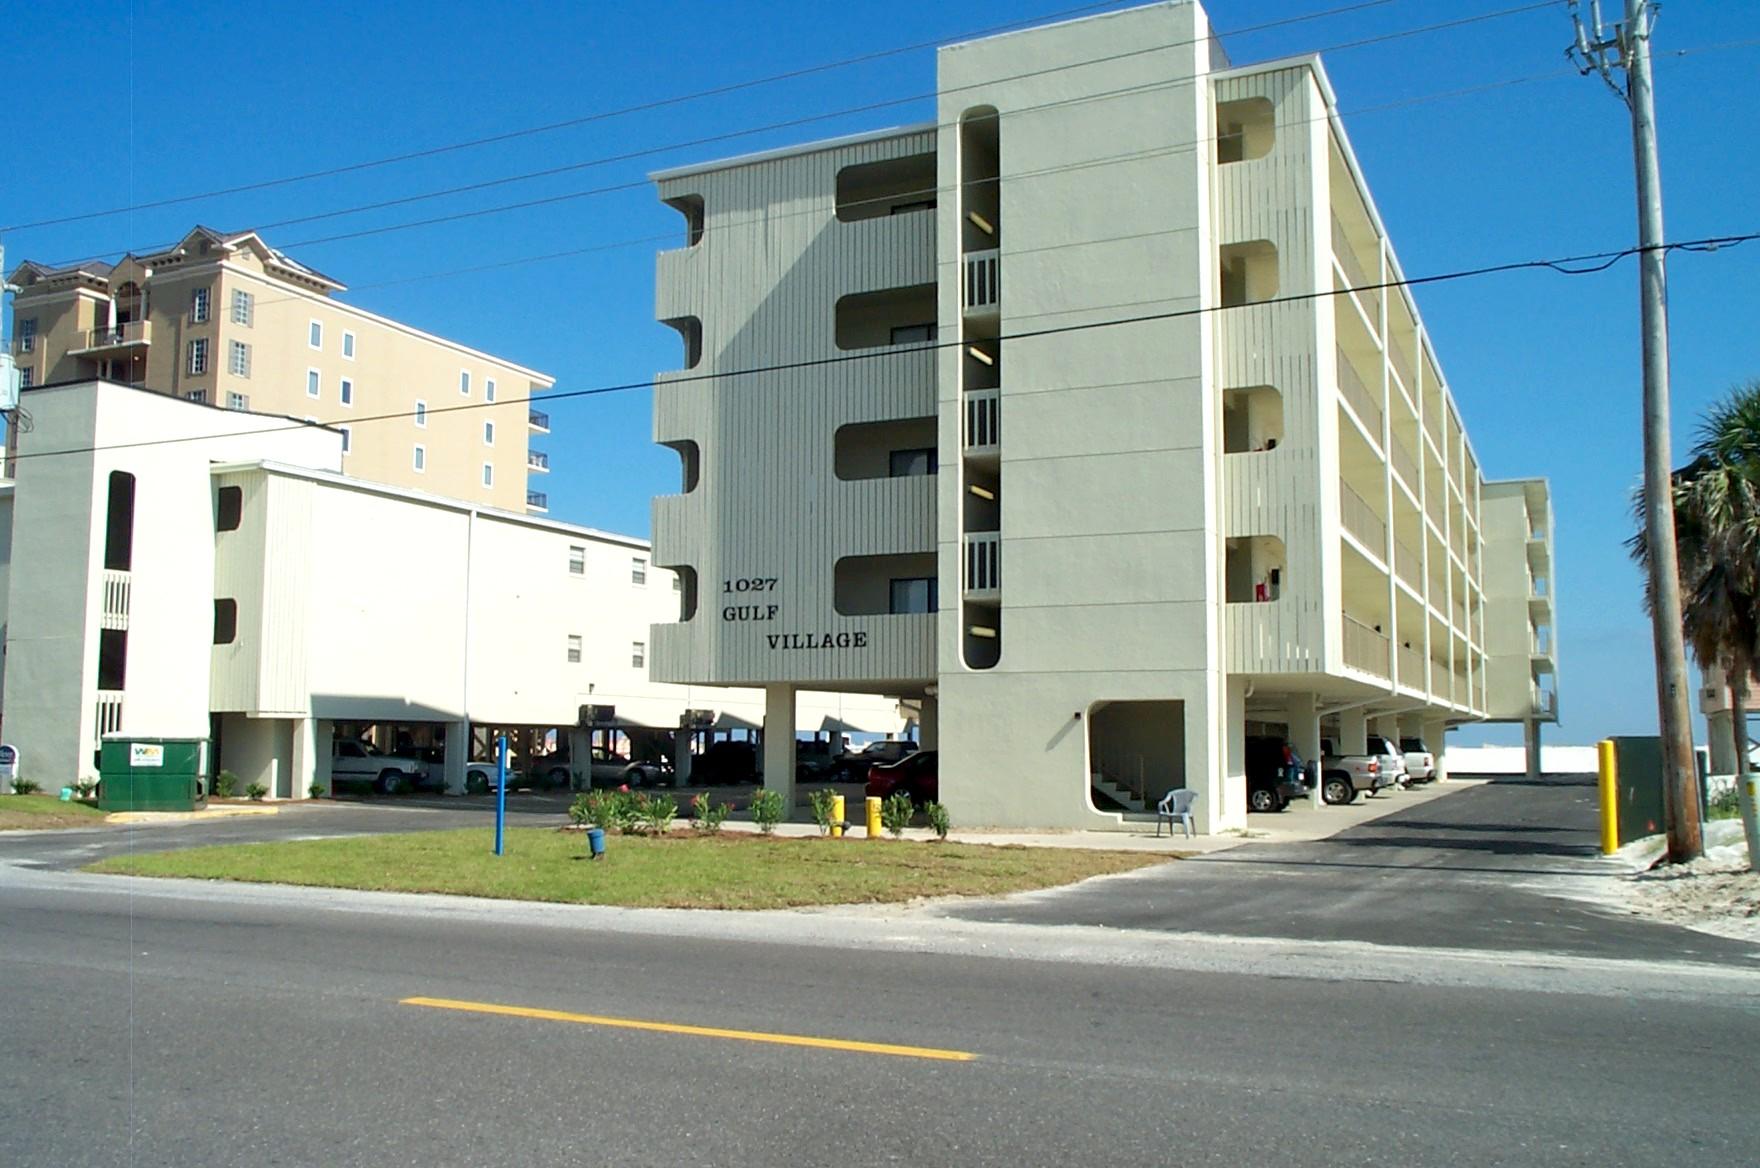 GULF VILLAGE 413 Condo rental in Gulf Village Gulf Shores in Gulf Shores Alabama - #31